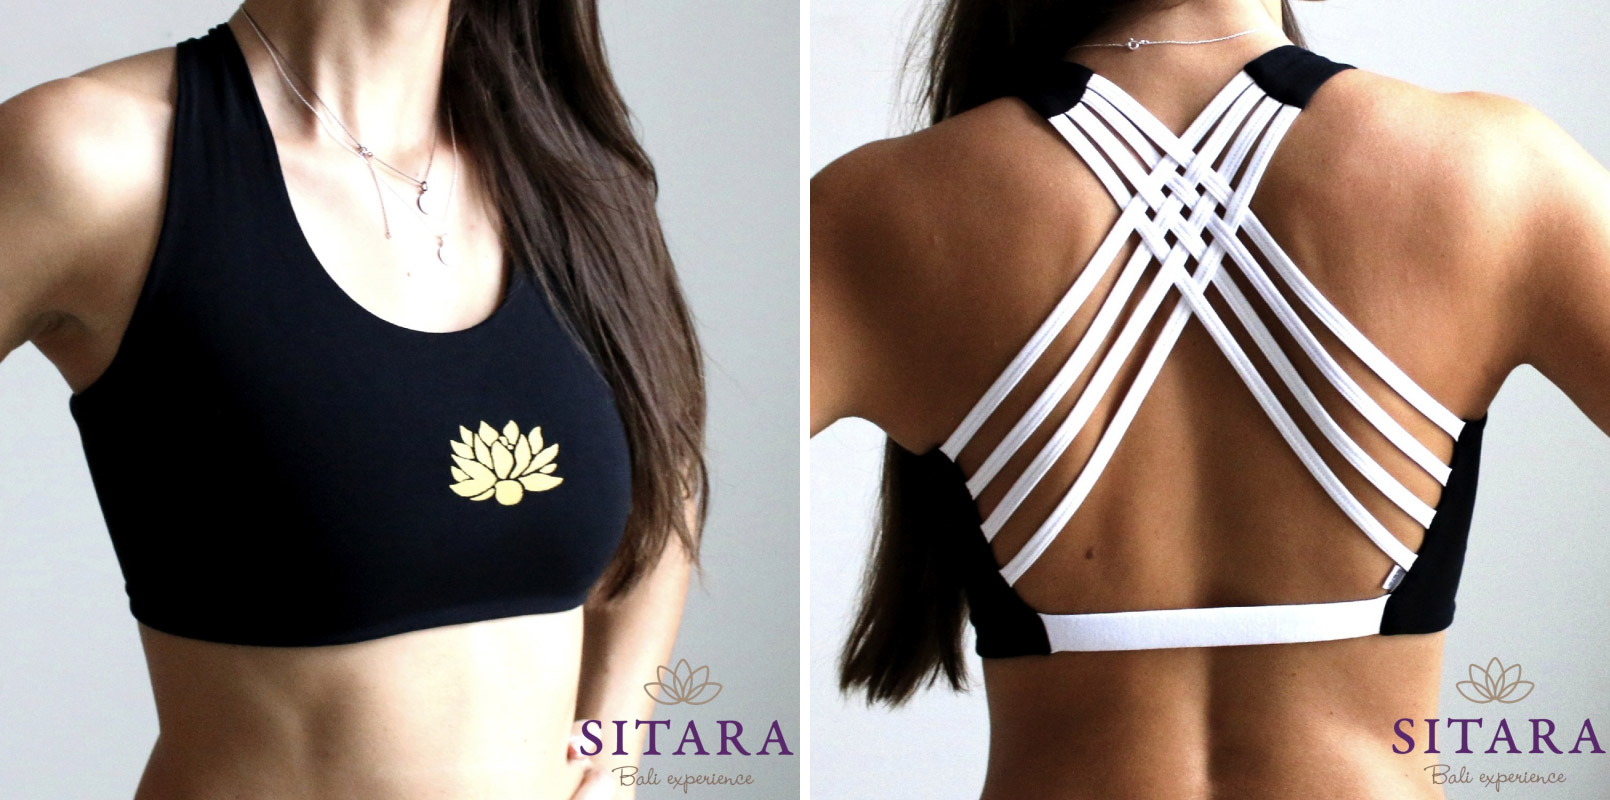 Oblečení na jógu Sitara zdobí symboly spojené s filosofií jógy.